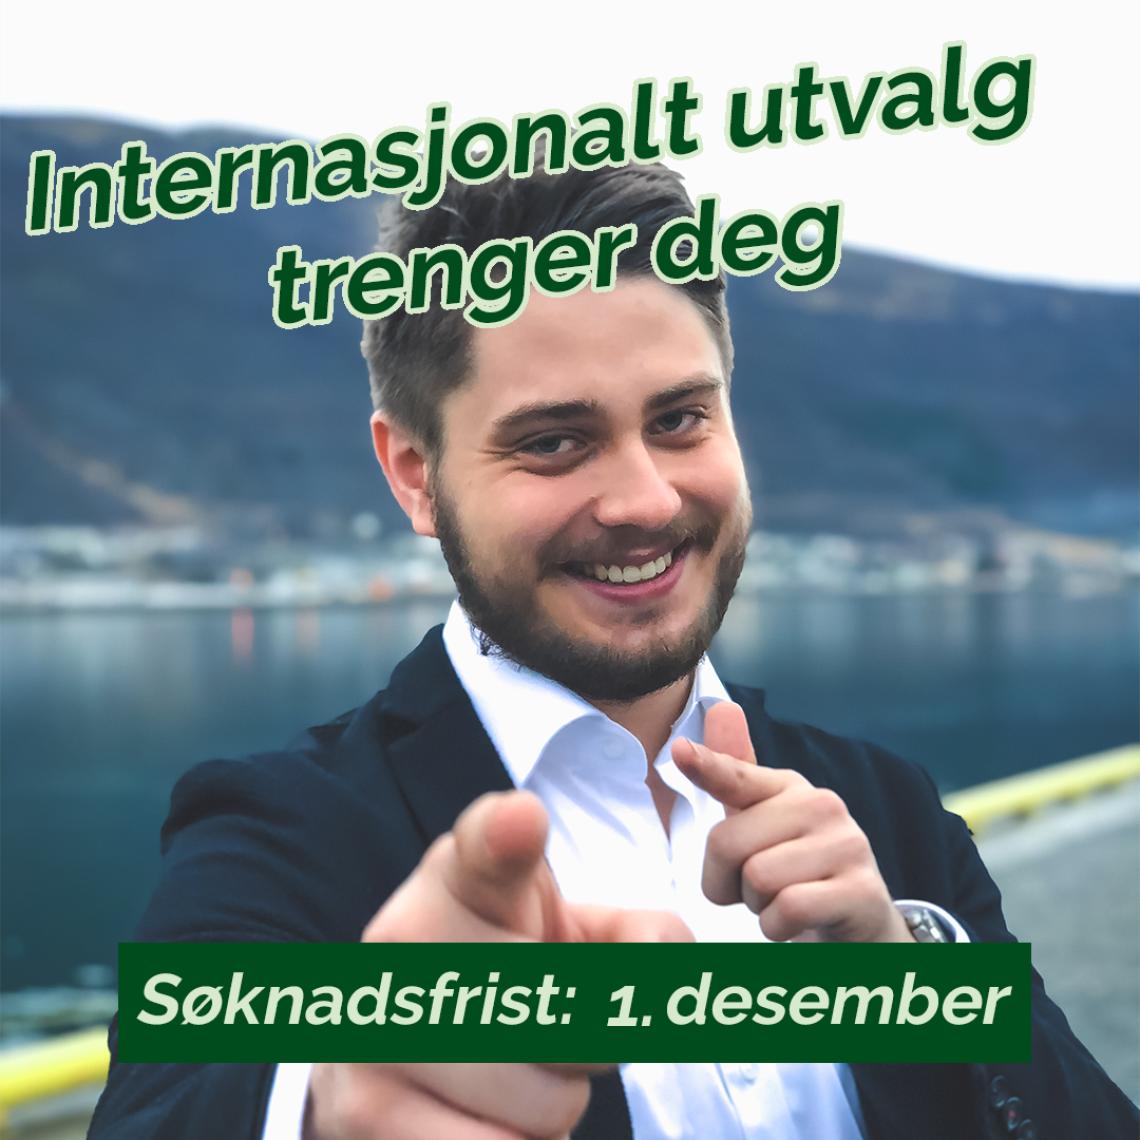 Internasjonalt utvalg trenger deg!